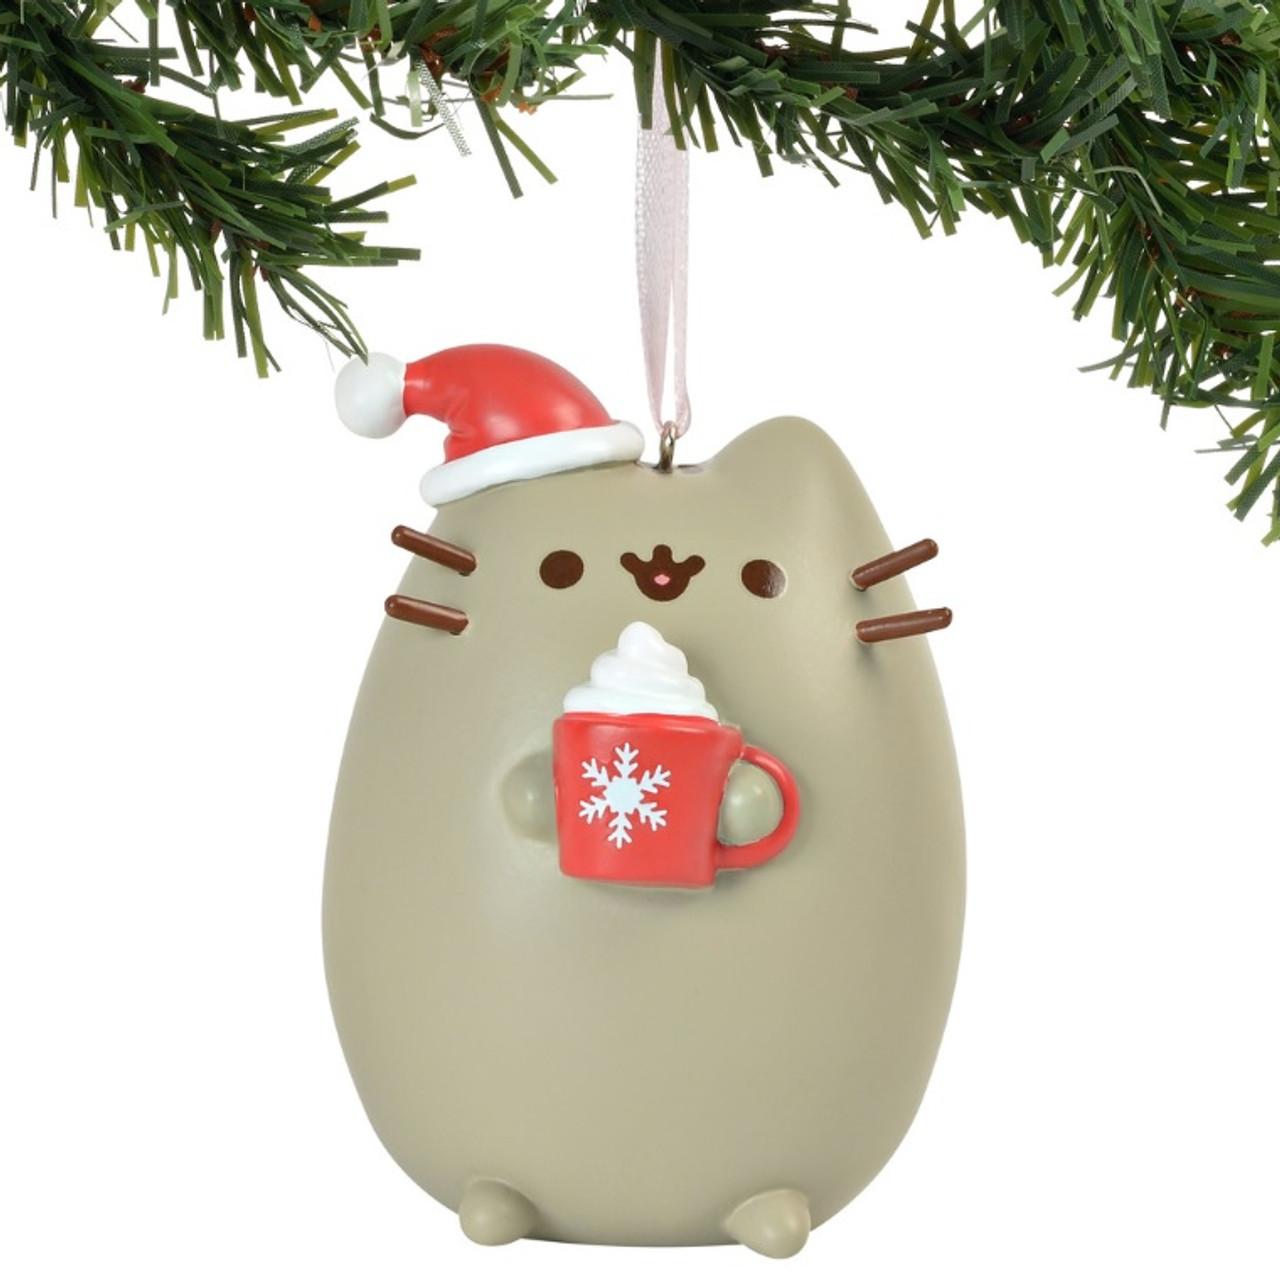 Pusheen Christmas.Meowy Christmas Pusheen Ornament